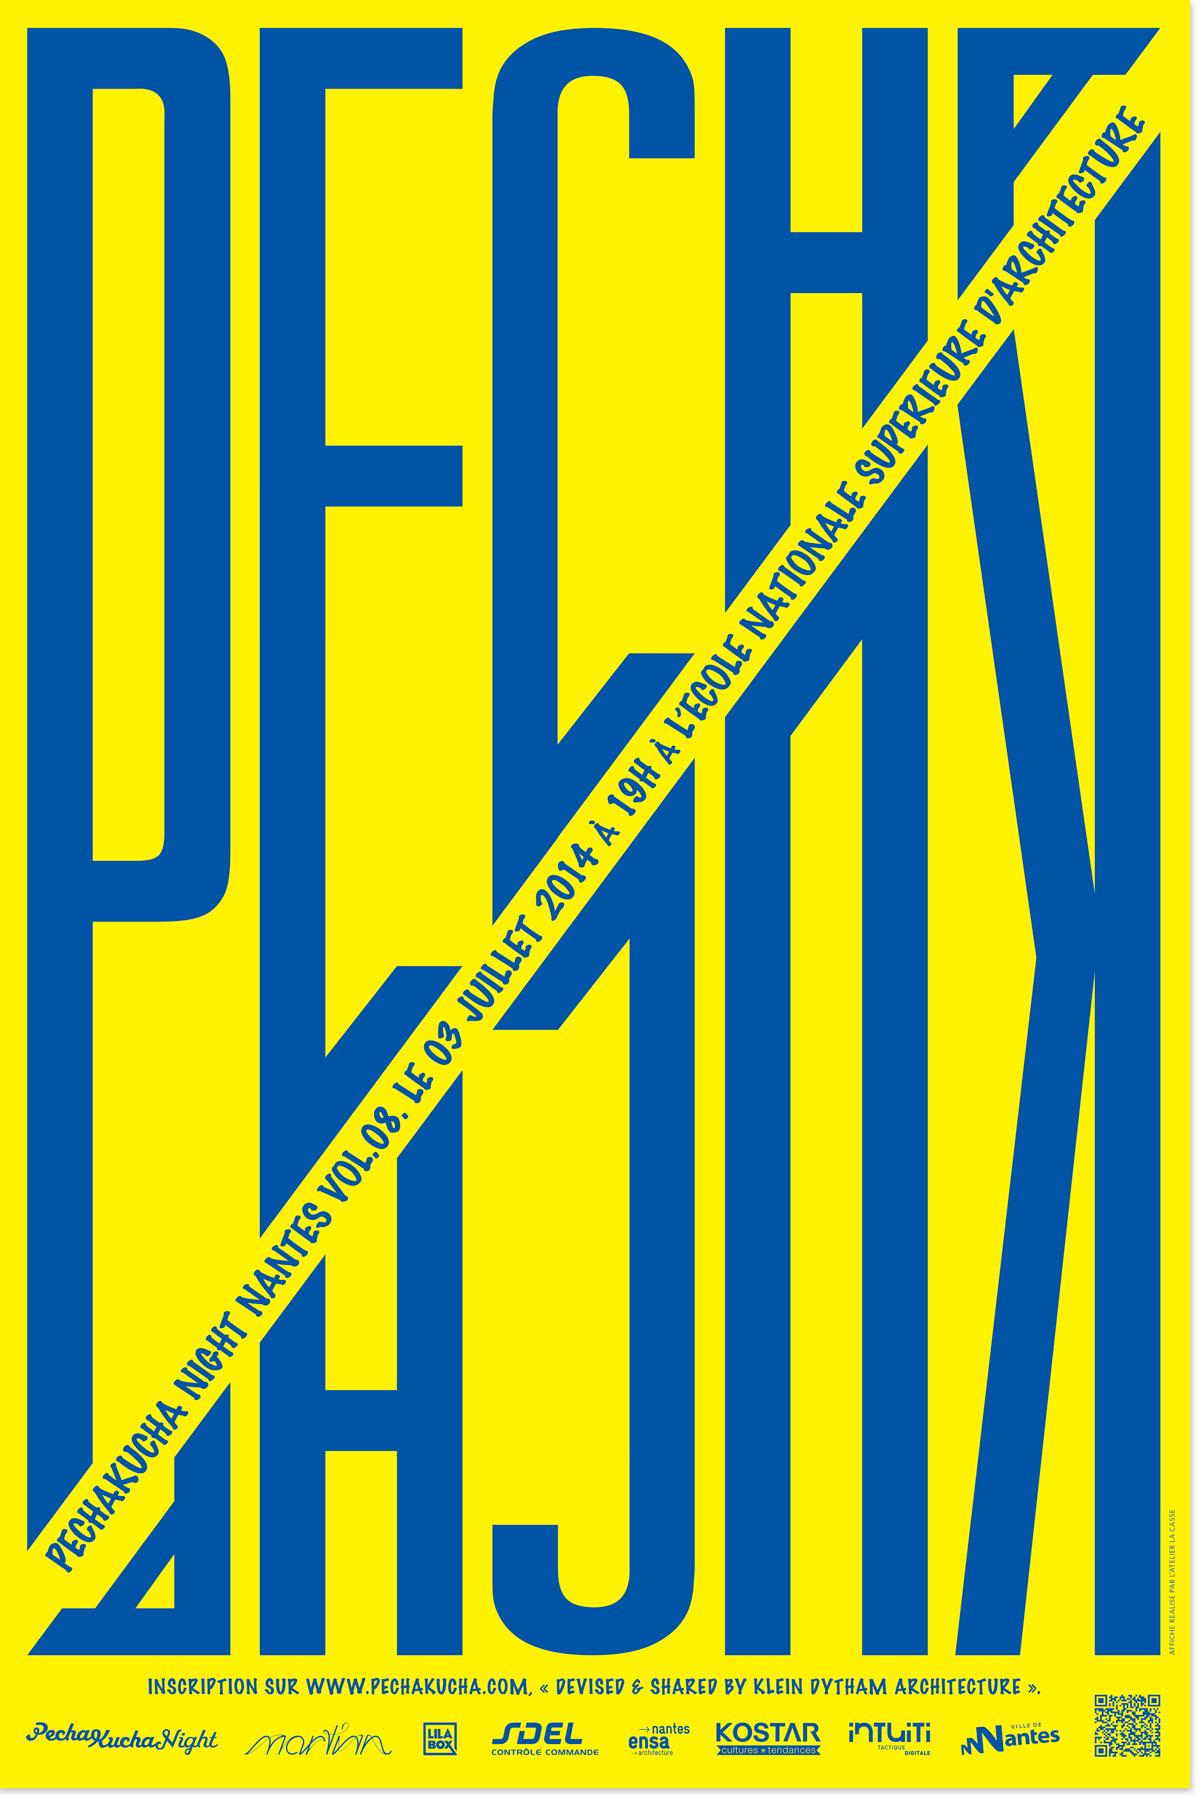 PechaKucha Volume 8 Nantes - Communication événementielle